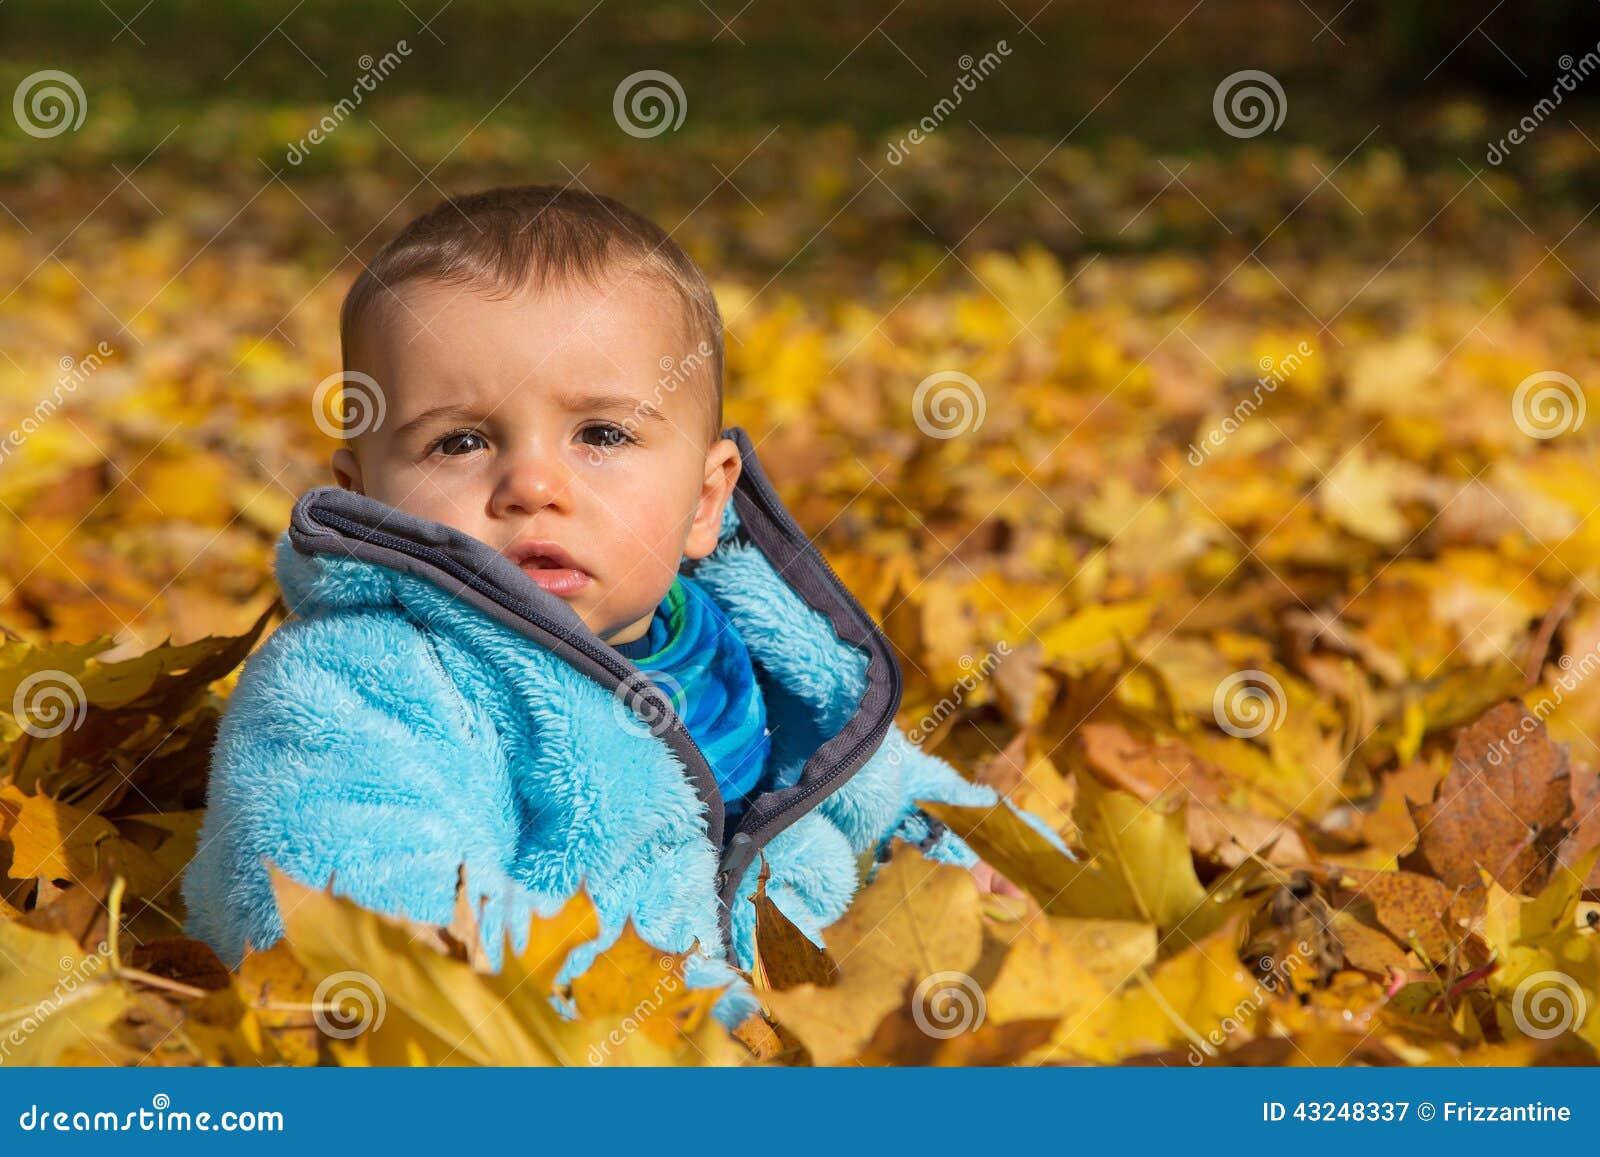 Śliczny mały chłopiec obsiadanie w liściach klonowych